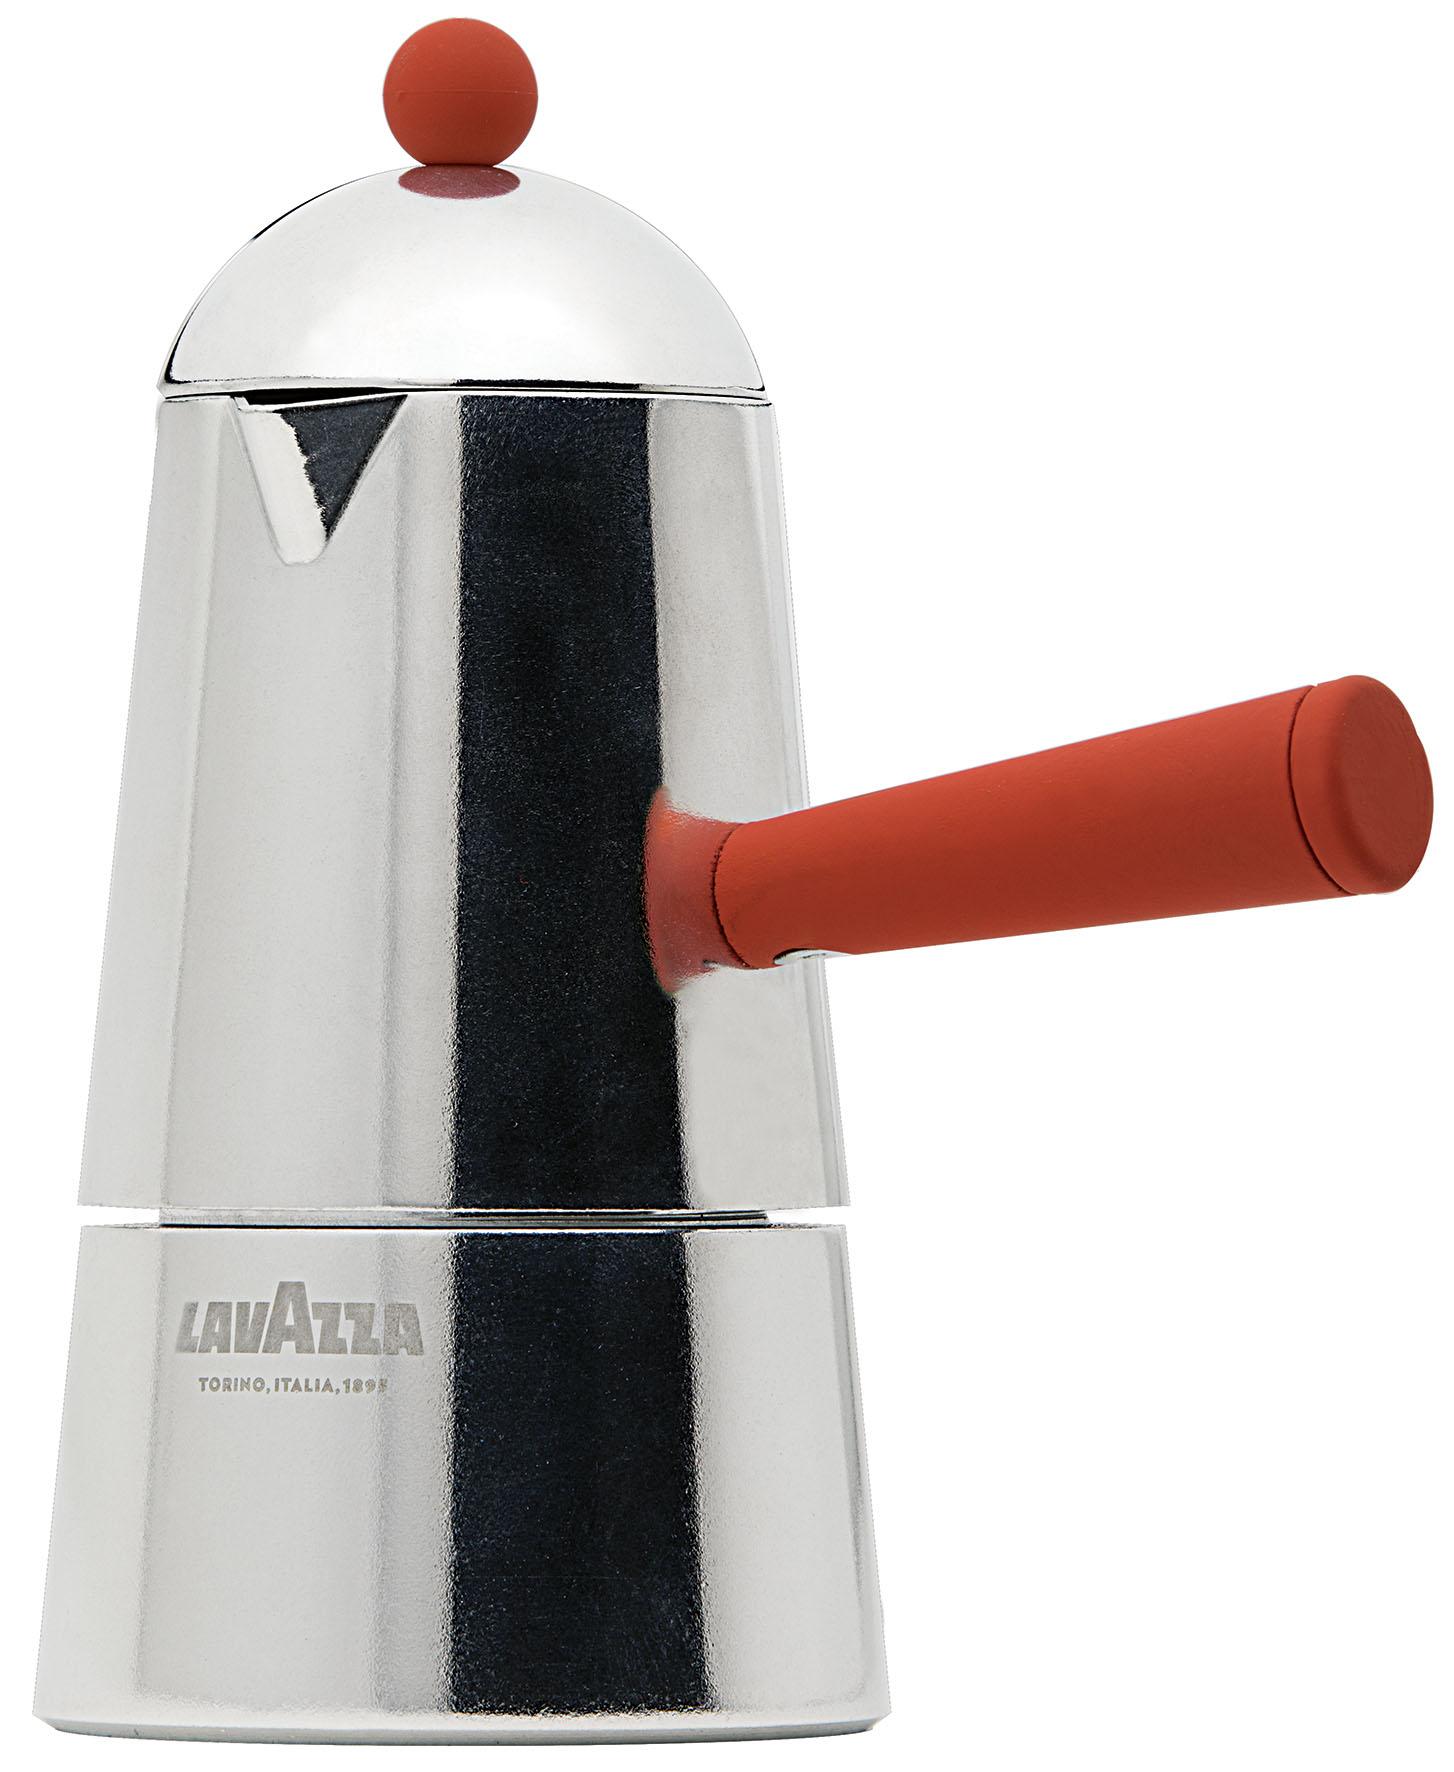 CAFFETT CARMENCITA POP TZ2 ROS